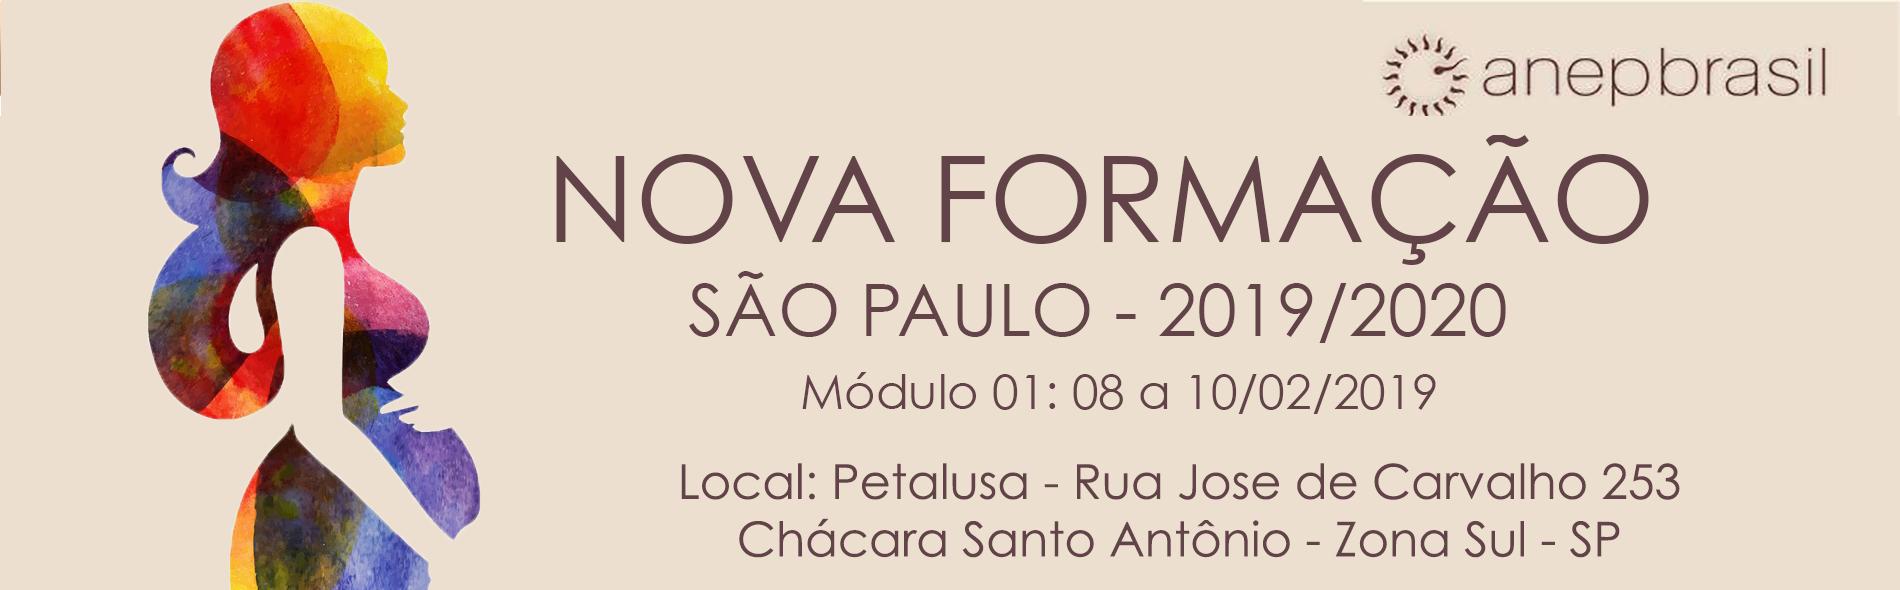 Nova turma em São Paulo